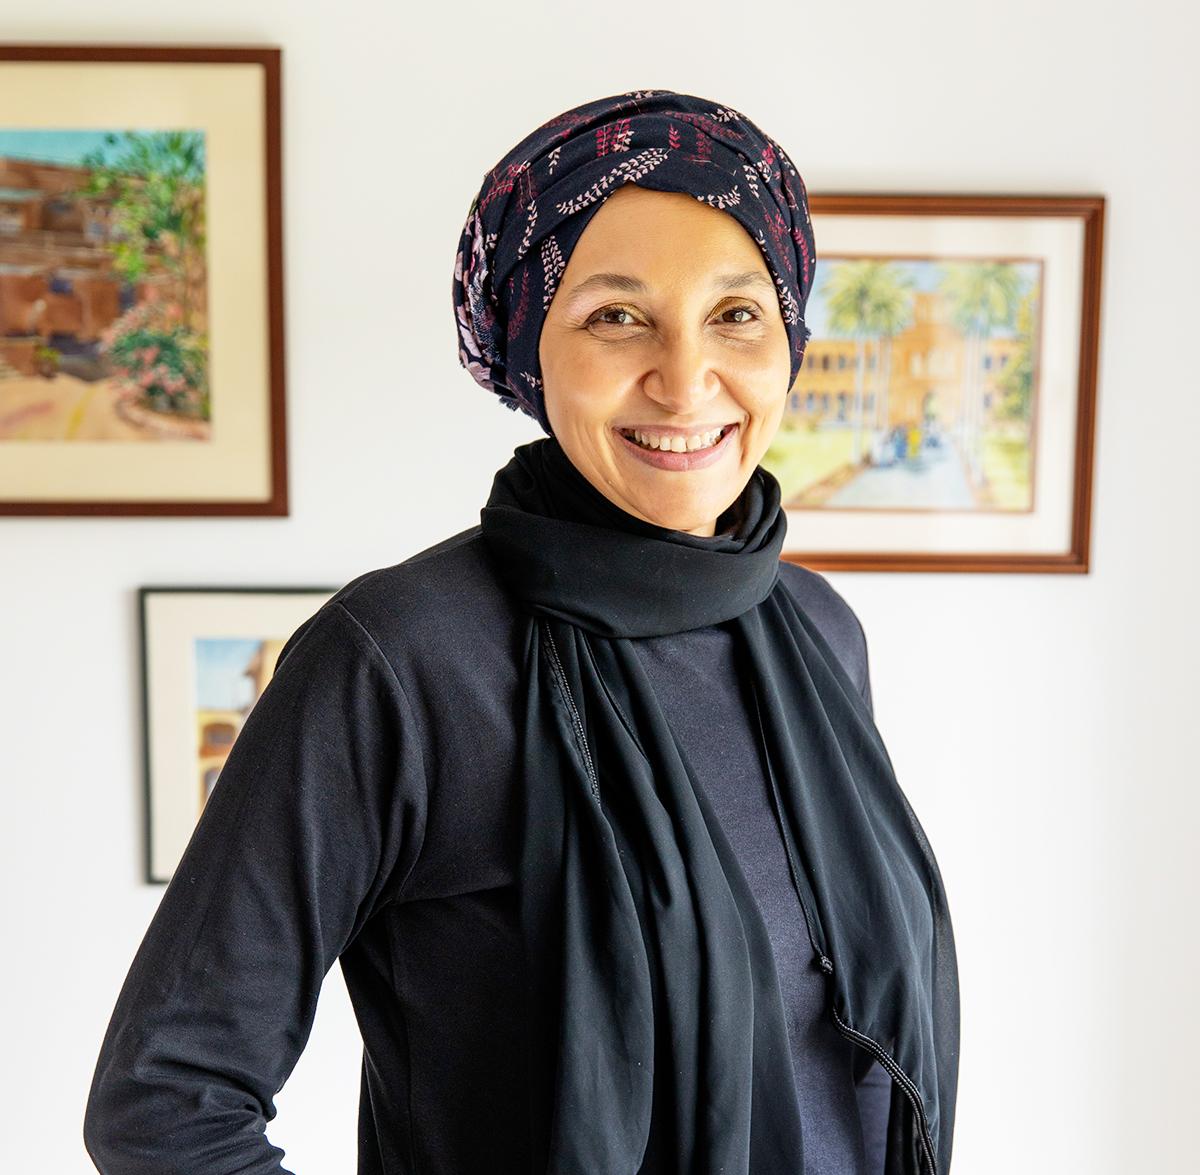 Leila Aboulela: Elsewhere, Love